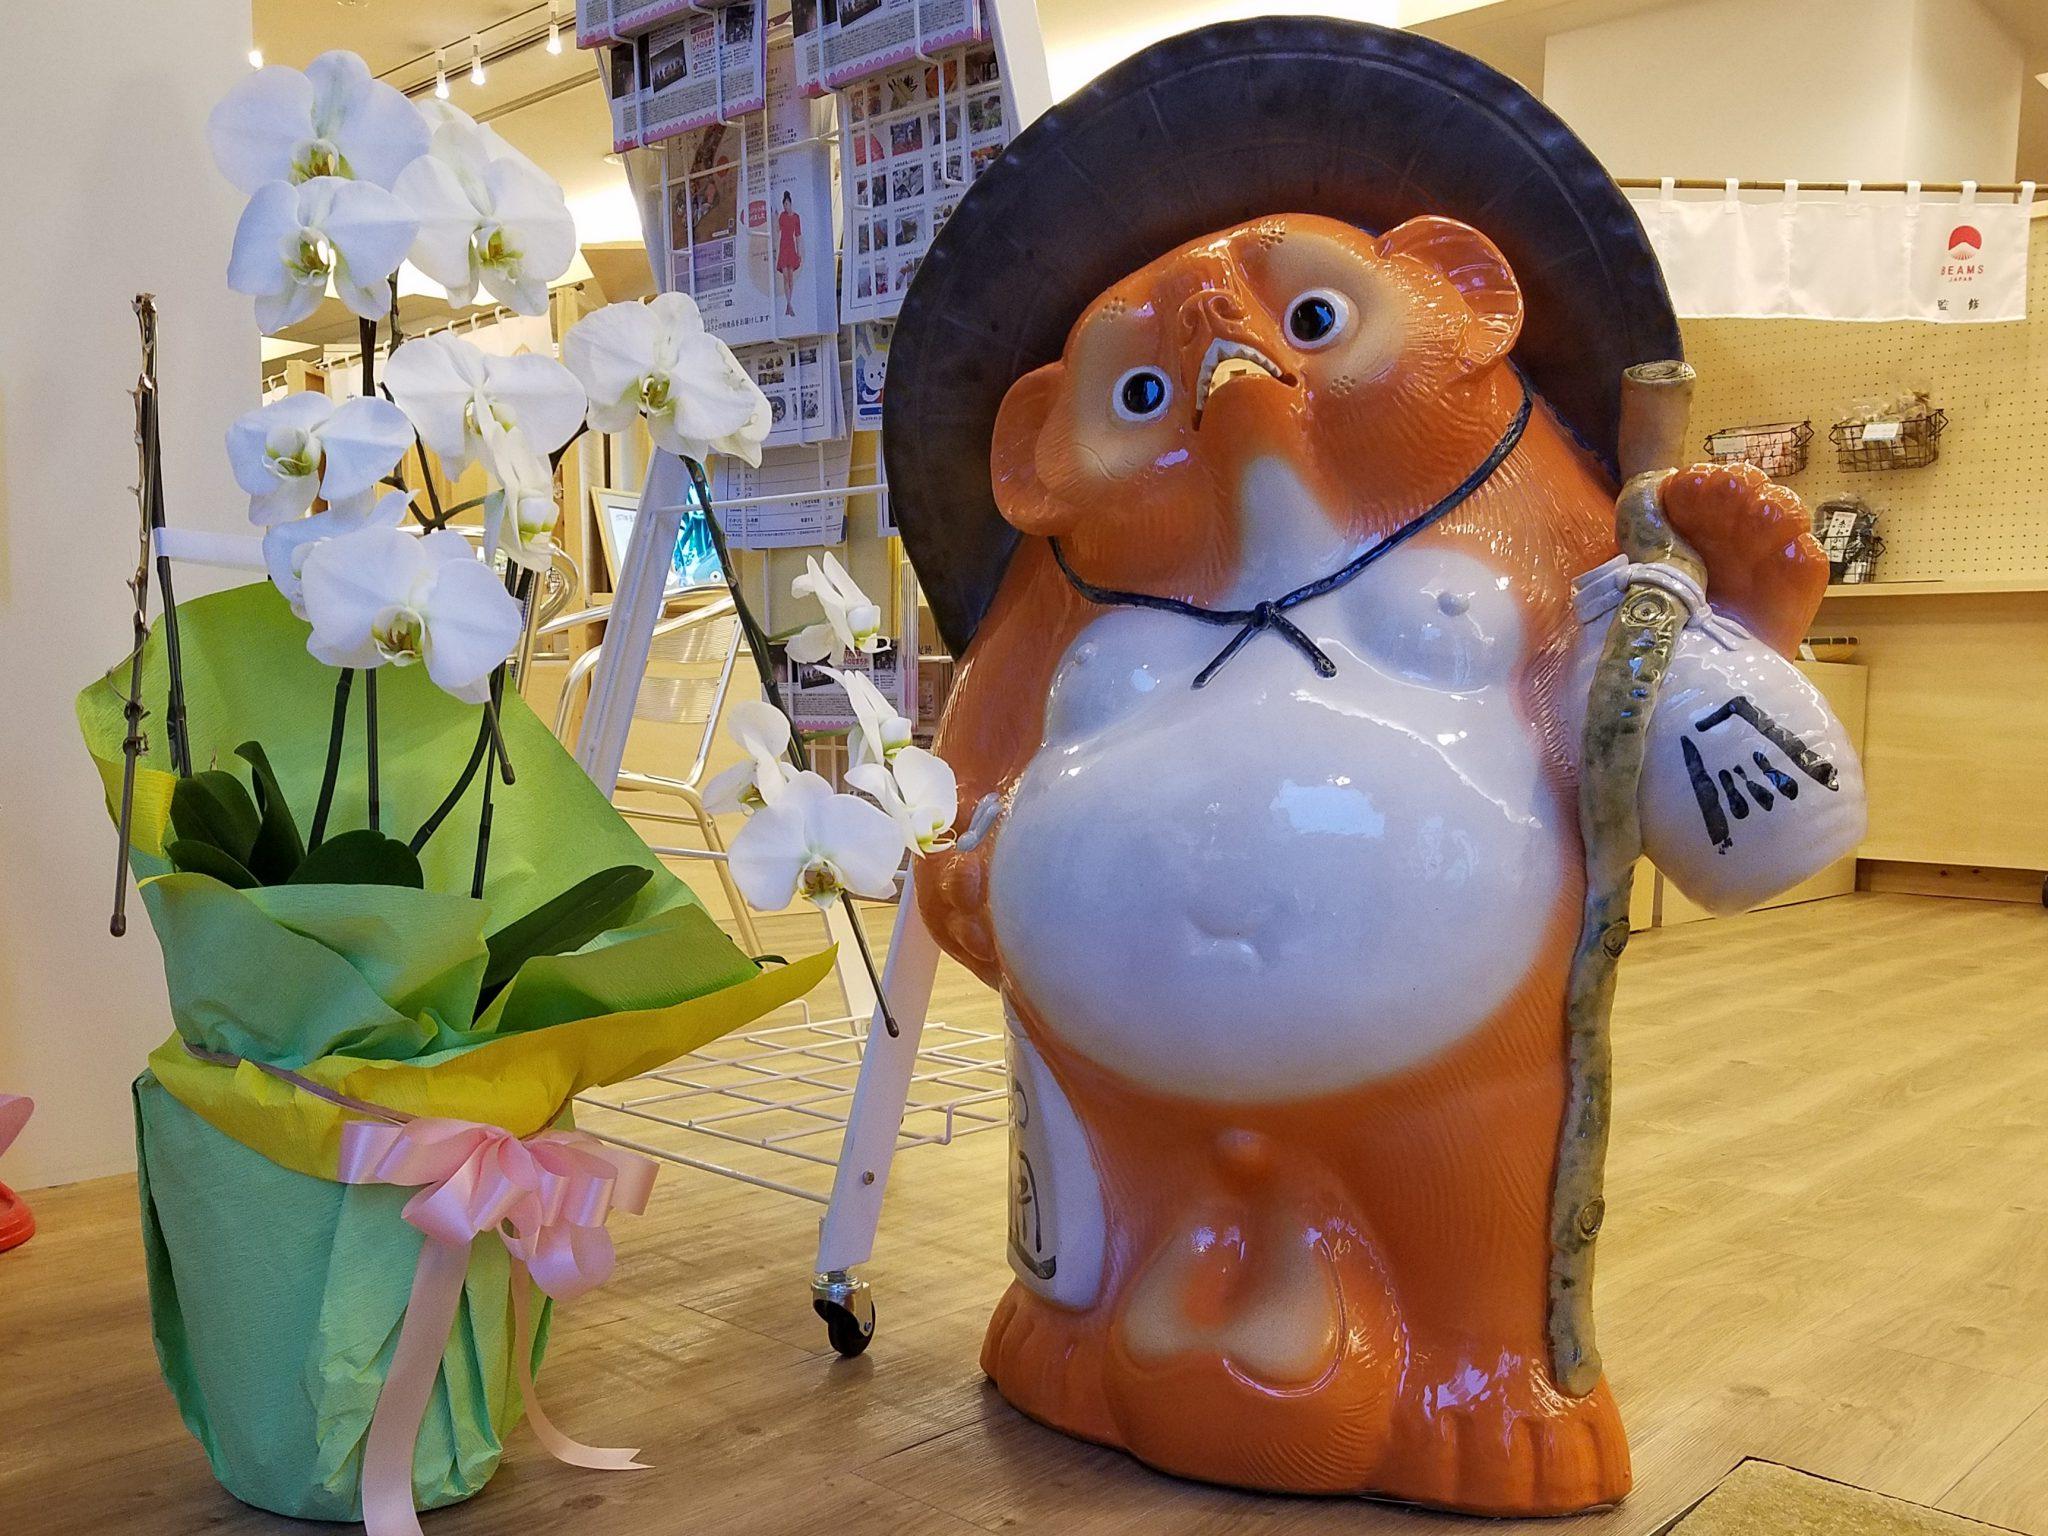 Orange tanuki at the スモトのおべんと 淡路島洲本市アンテナショップ - Sumoto no obento: Awajishima and Sumotoshi Antenna shop